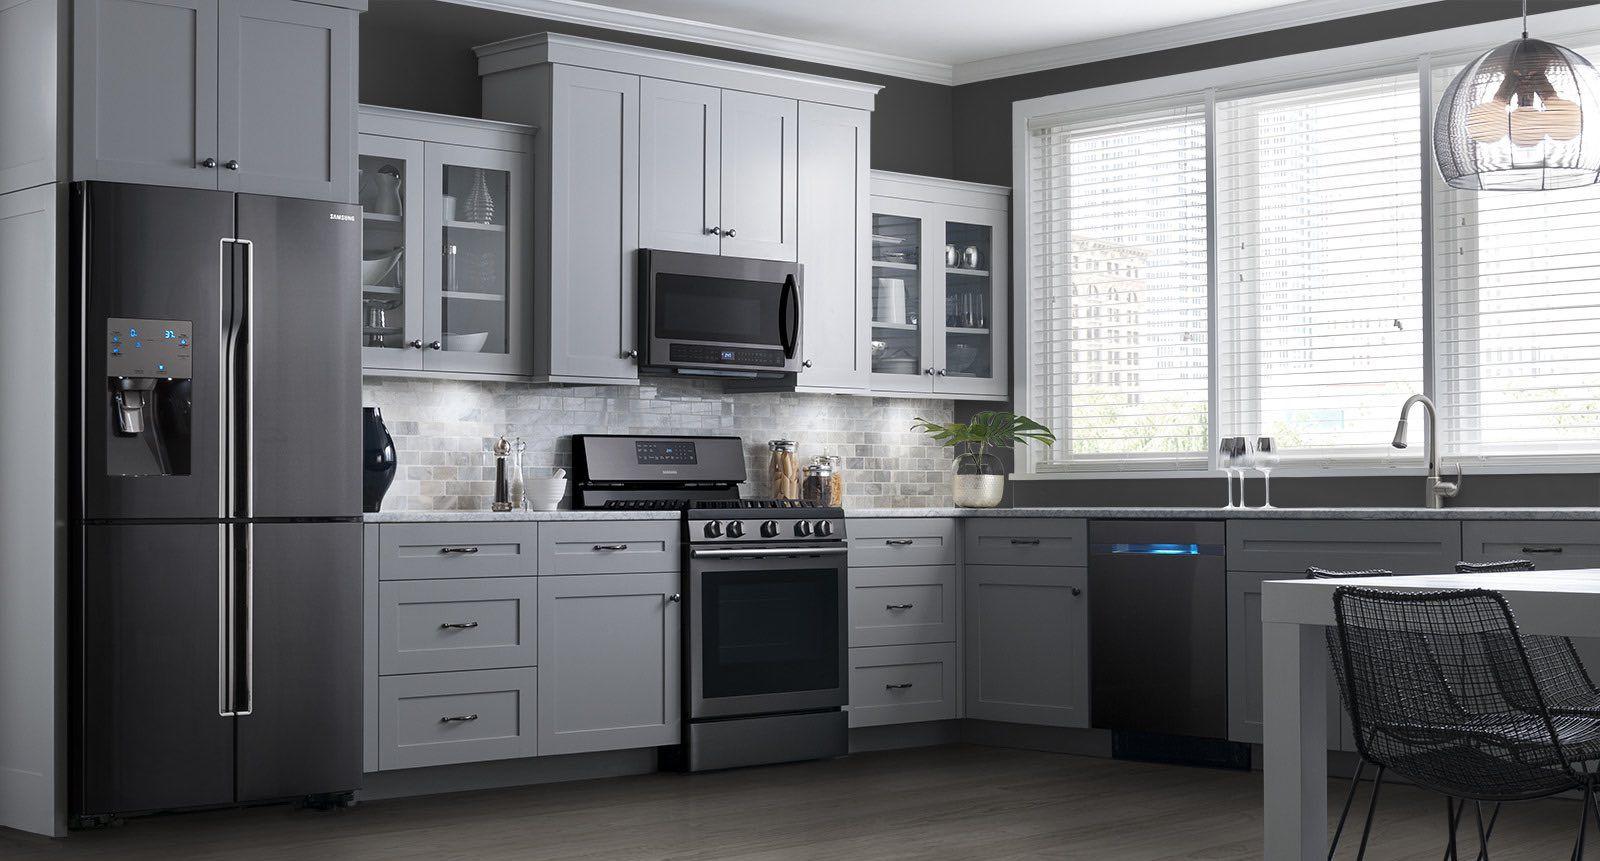 Kitchen appliance colors 2016 - Home Appliances Kitchen Laundry Appliances